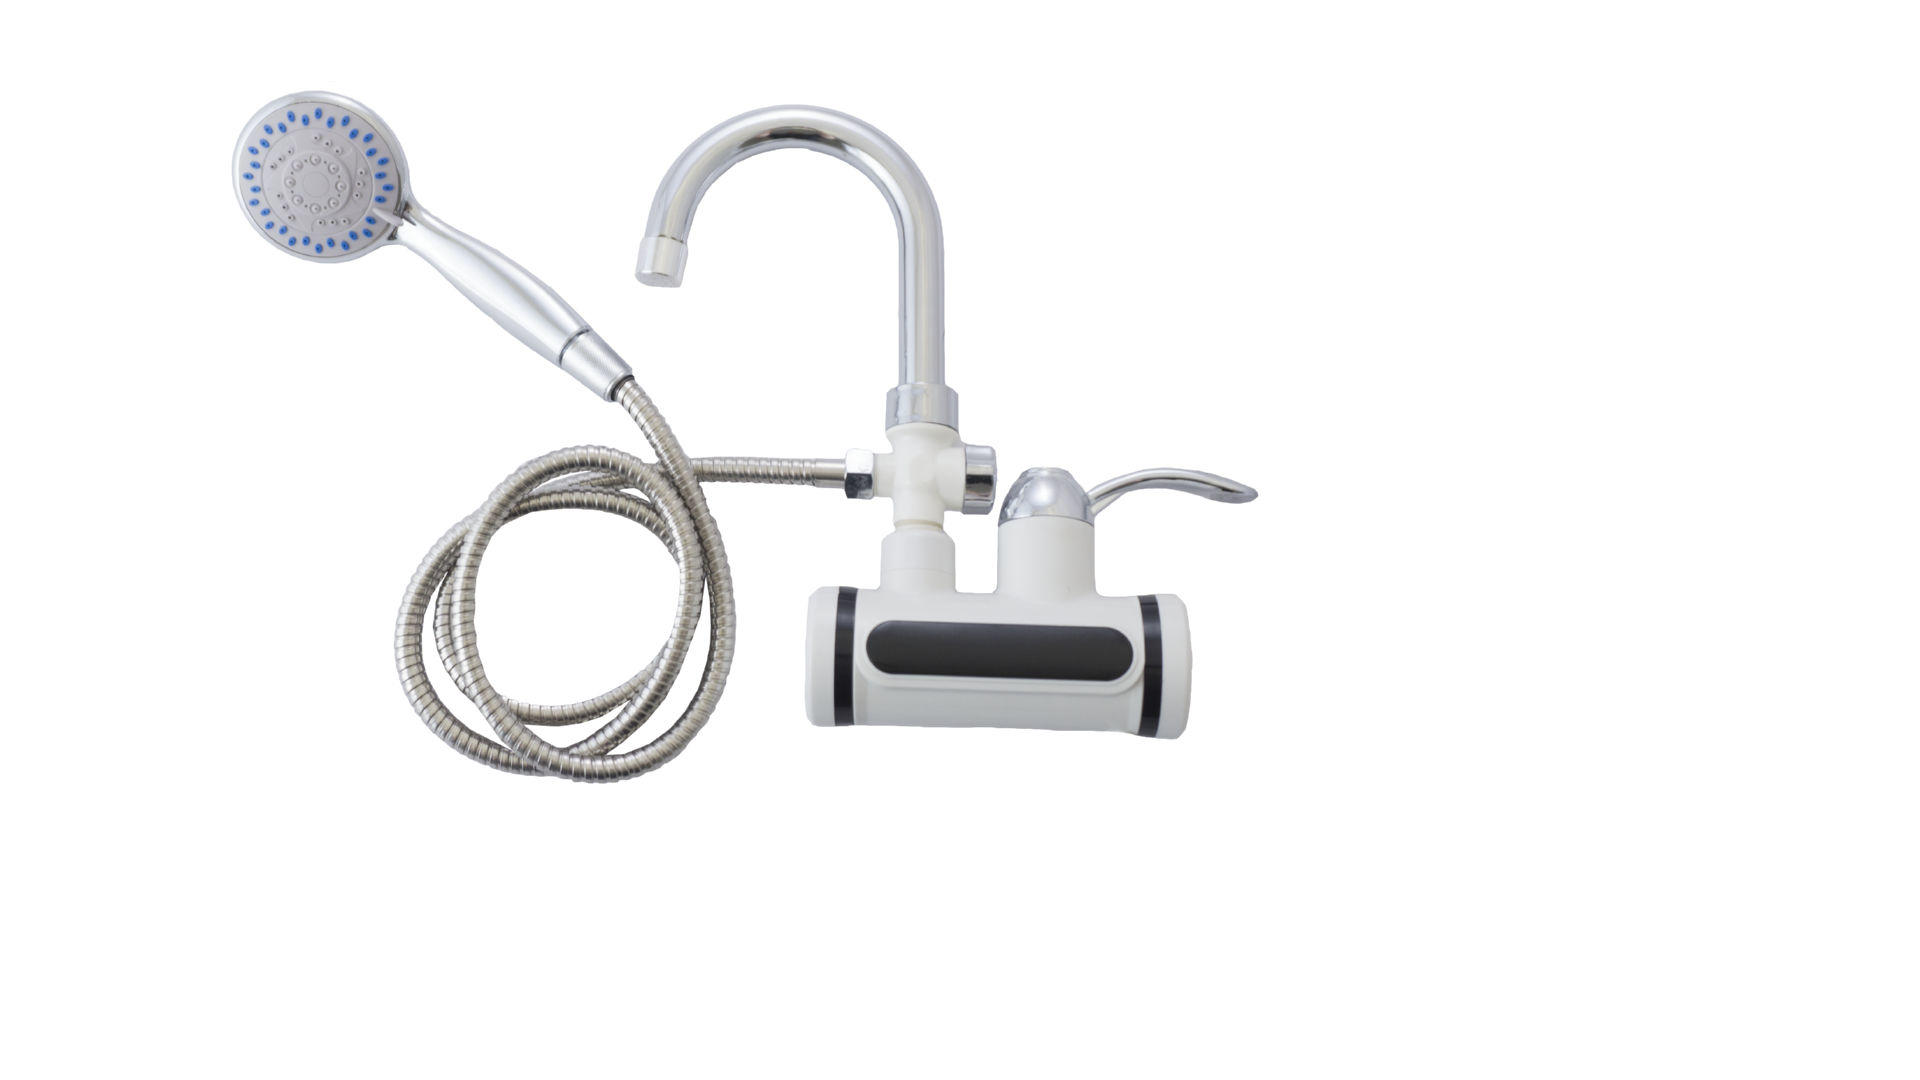 Проточный водонагреватель с душем PRC - Faucet & Shower LZ008 4